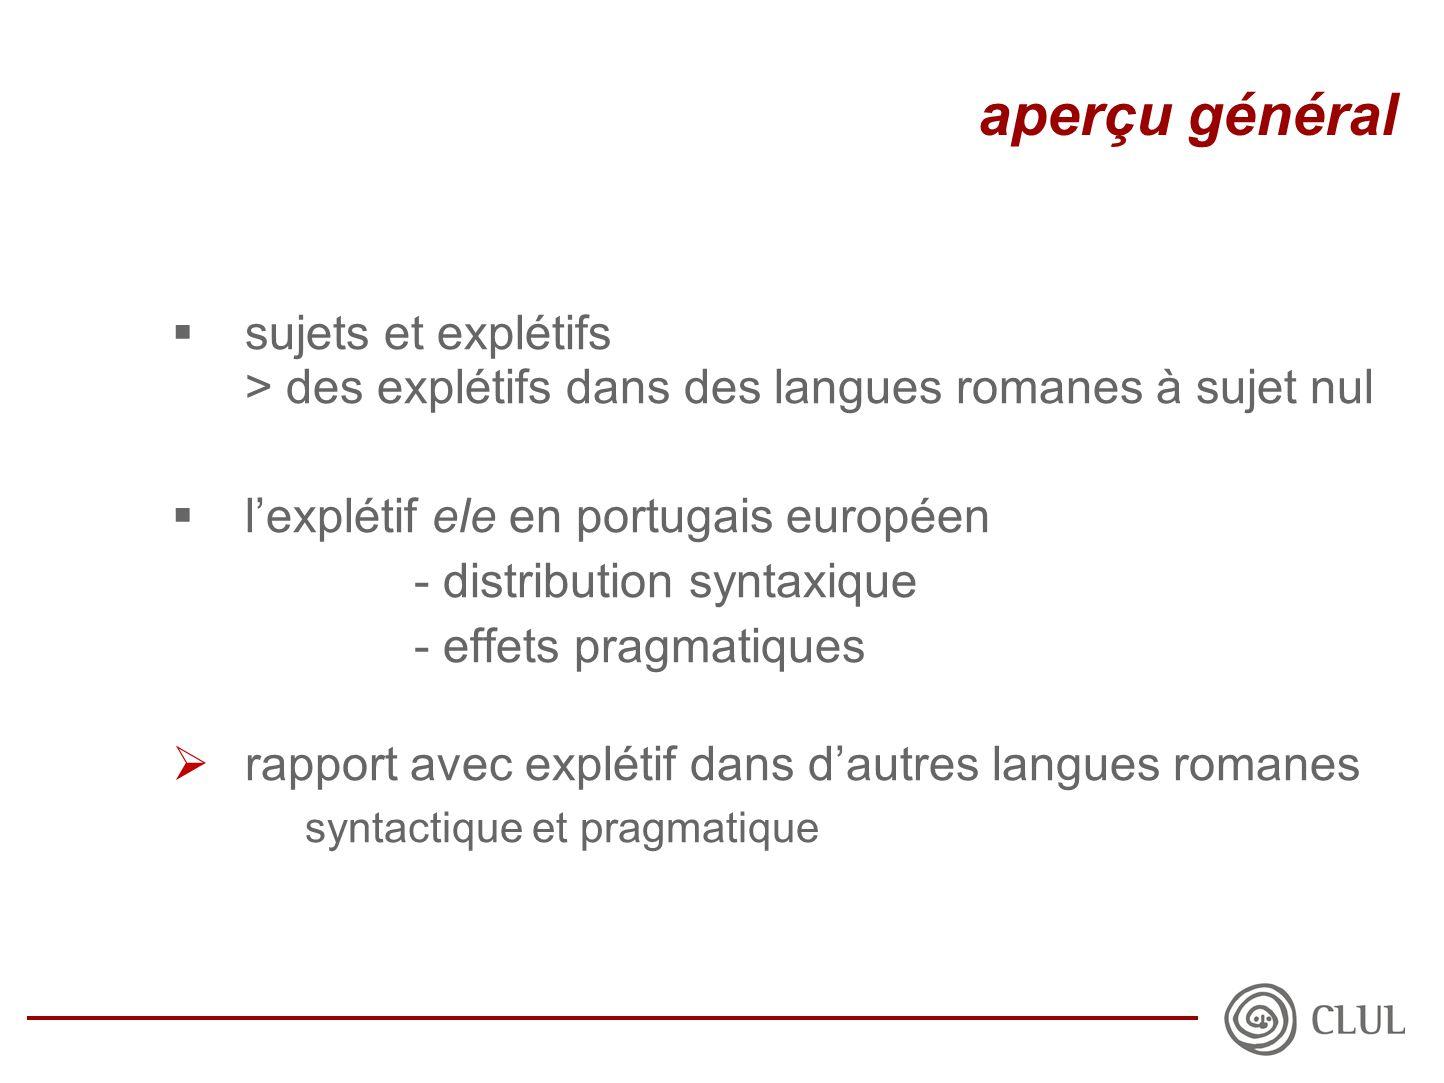  sujets et explétifs > des explétifs dans des langues romanes à sujet nul  l'explétif ele en portugais européen - distribution syntaxique - effets pragmatiques  rapport avec explétif dans d'autres langues romanes syntactique et pragmatique aperçu général